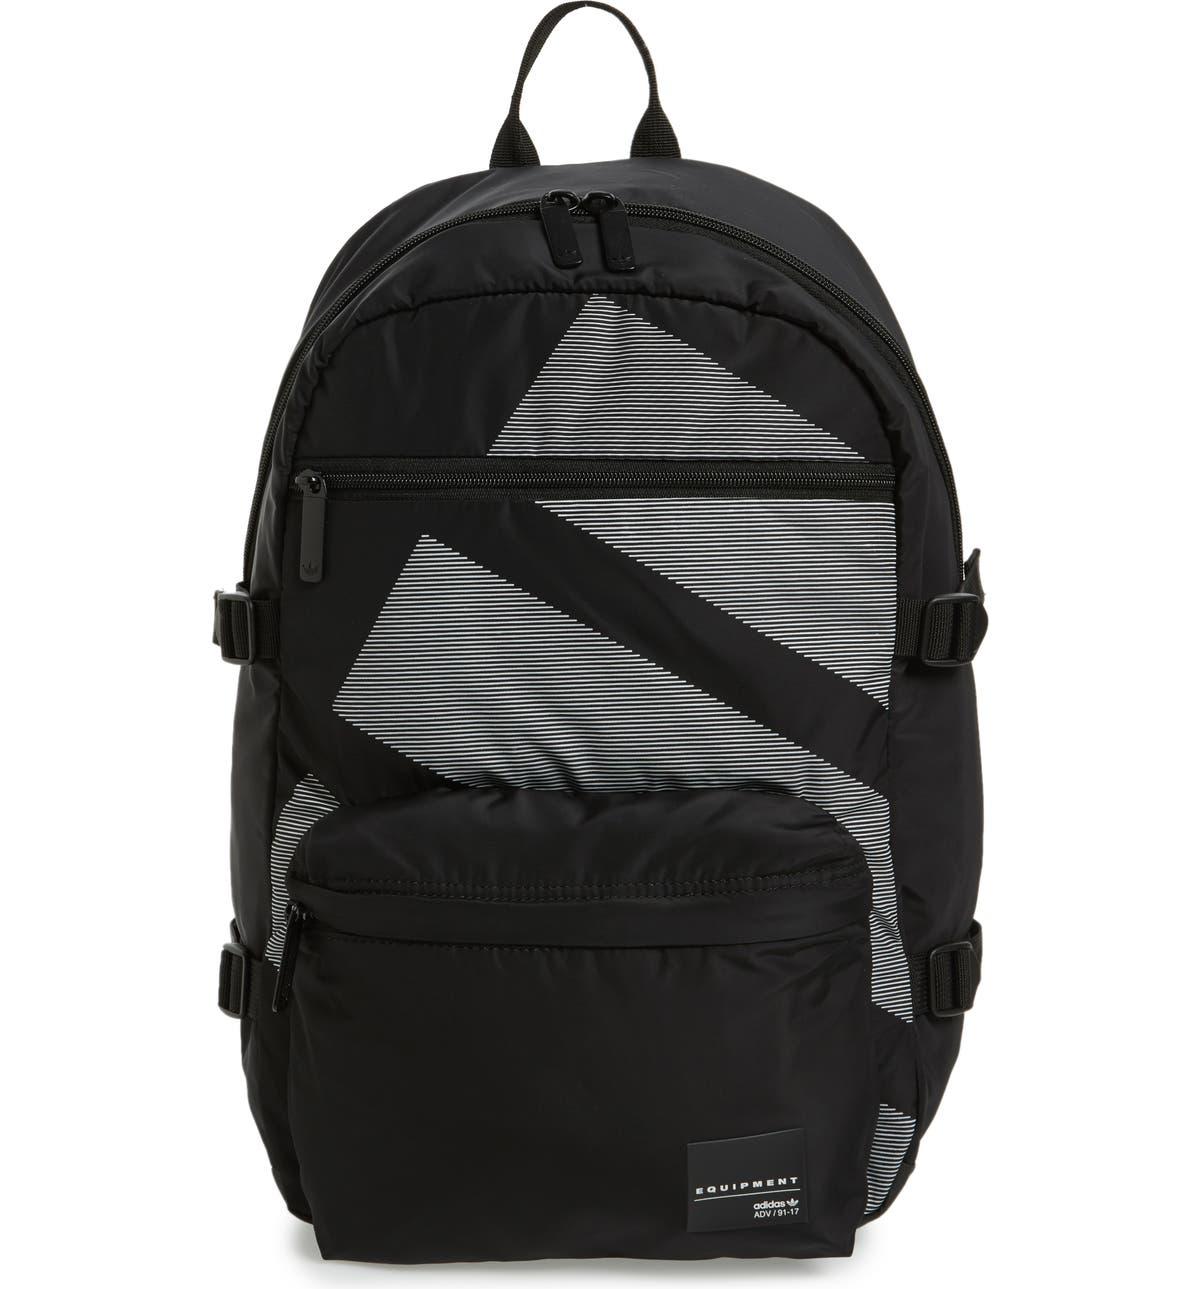 adidas Originals EQT National Backpack  dc0a62dcd8fa6